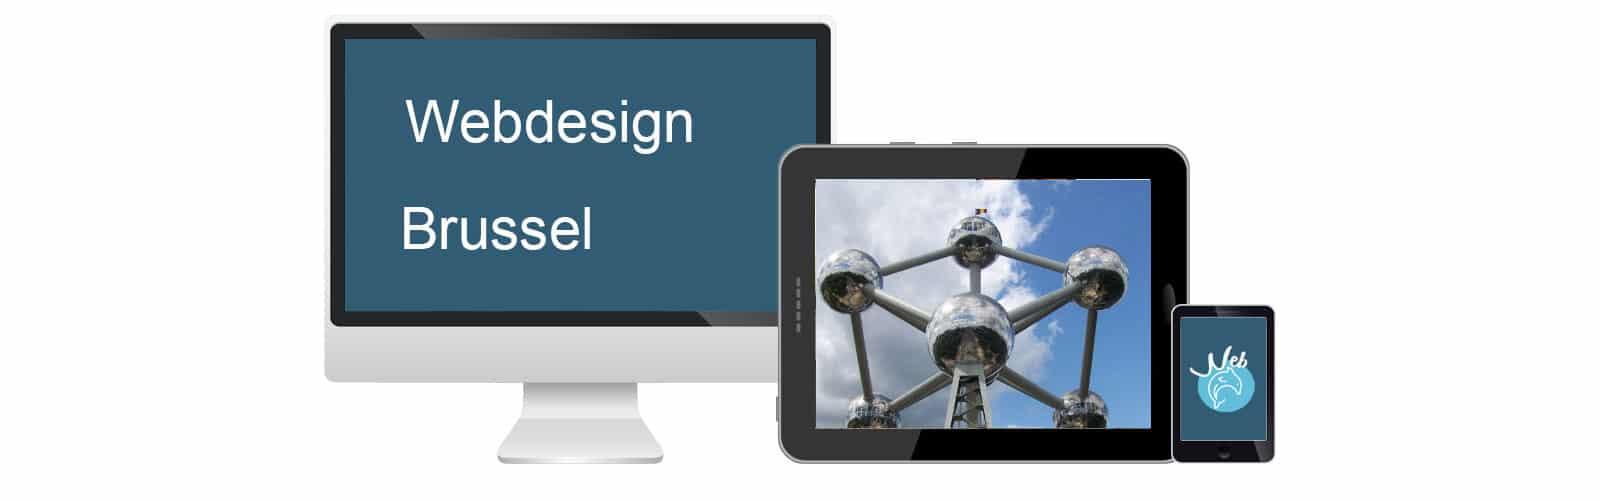 Webdesign Brussel - webdolfijn